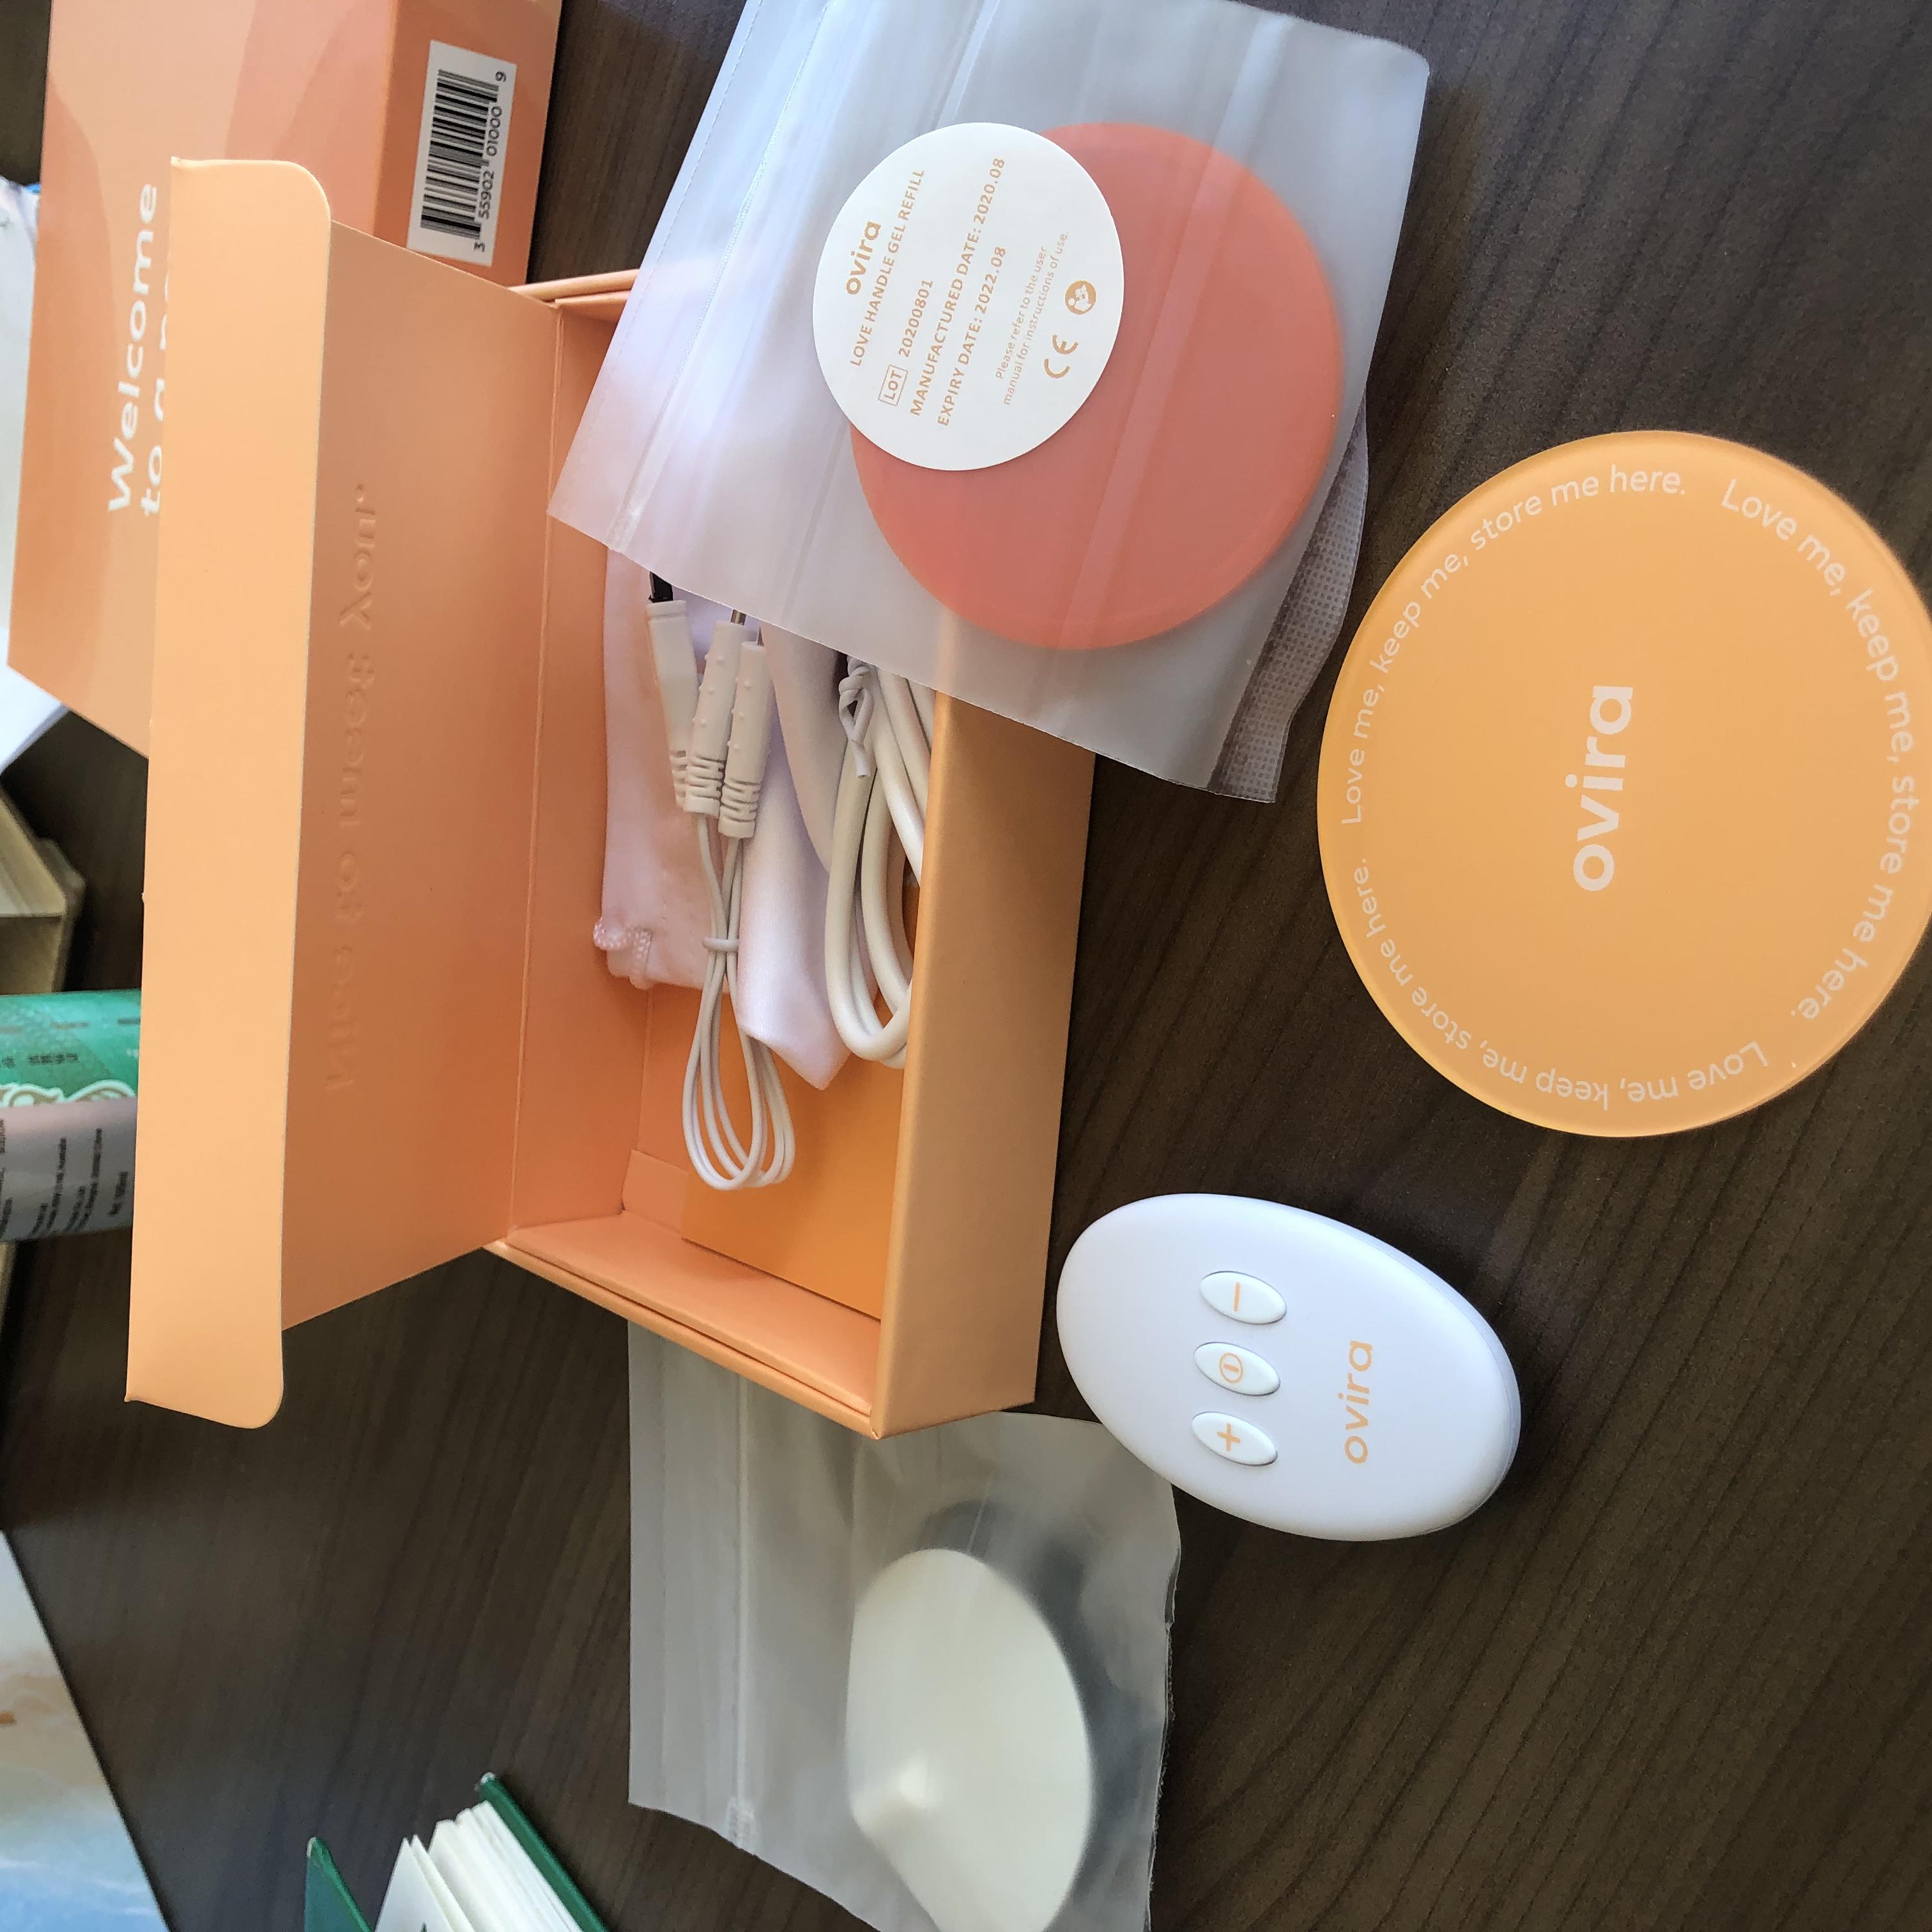 Ovira's Noha Kit Unboxing | DEANLONG.io